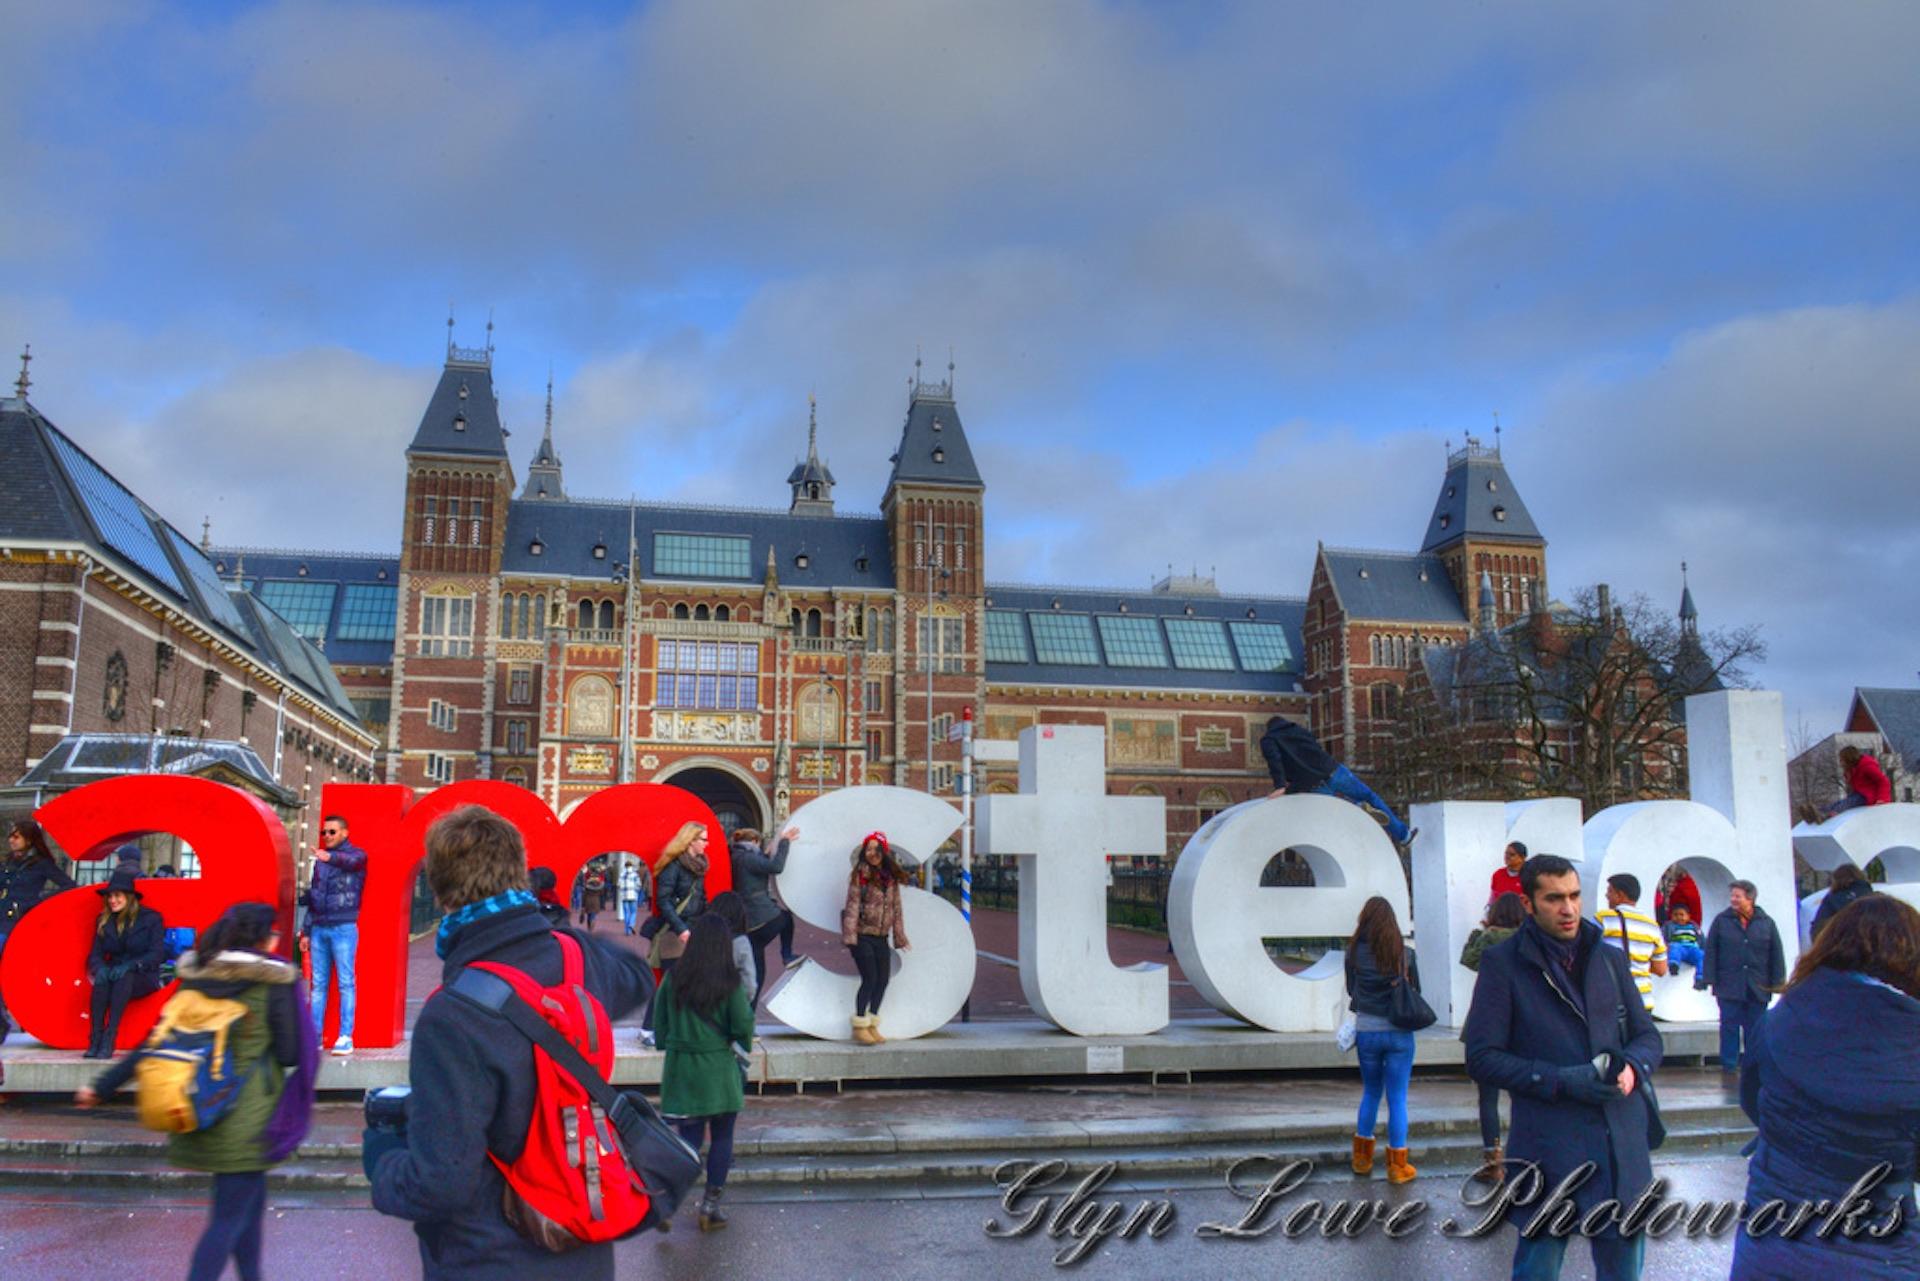 深度瞭解荷蘭人的工作哲學,不再因為他們直來直往而卻步